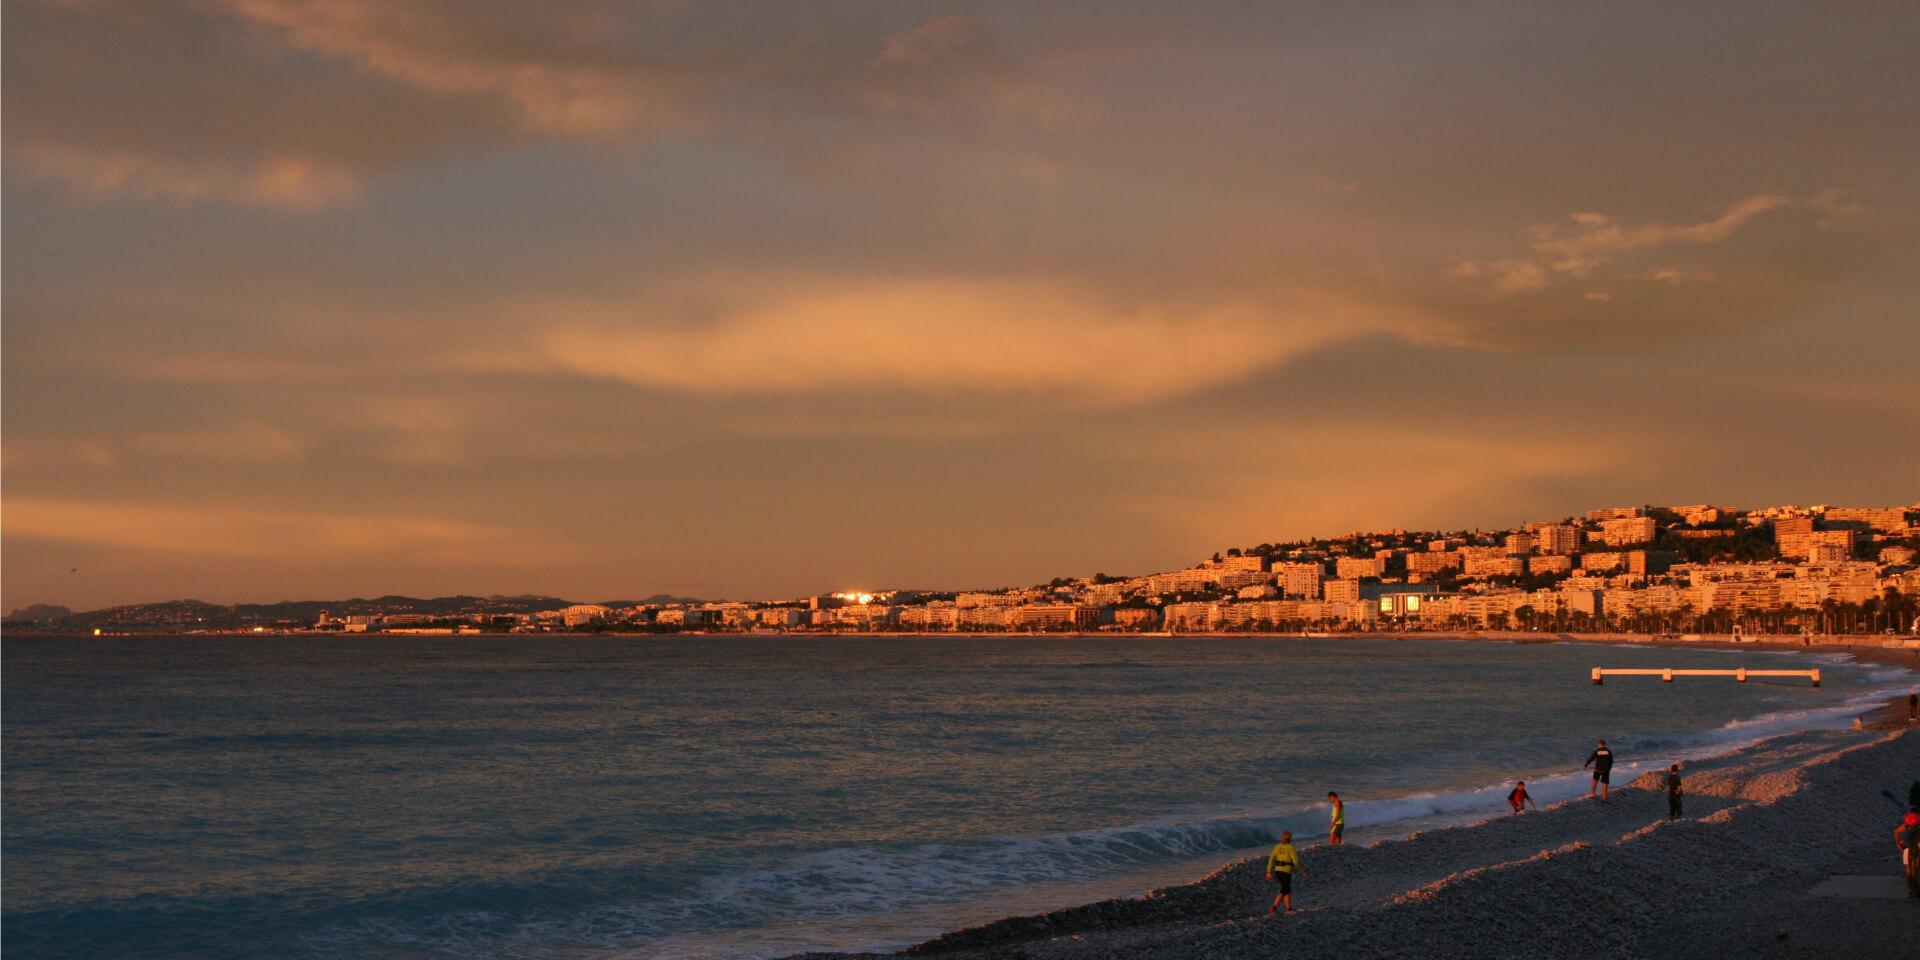 La Baie des anges entre l'aube et l'aurore sur la plage de Nice, France